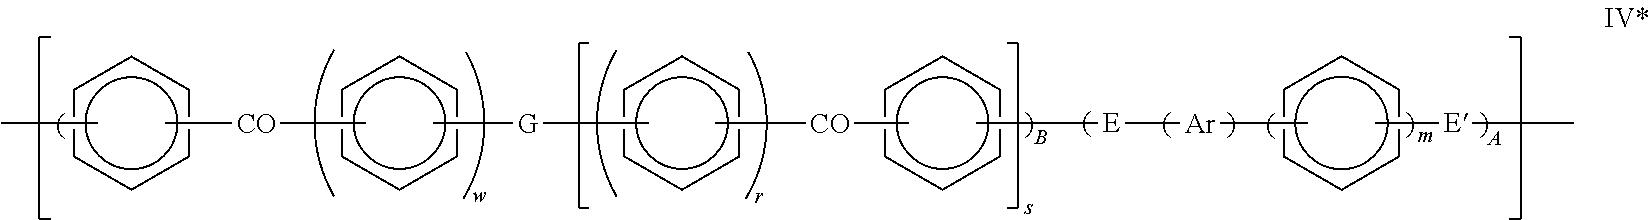 Figure US20110230590A1-20110922-C00002